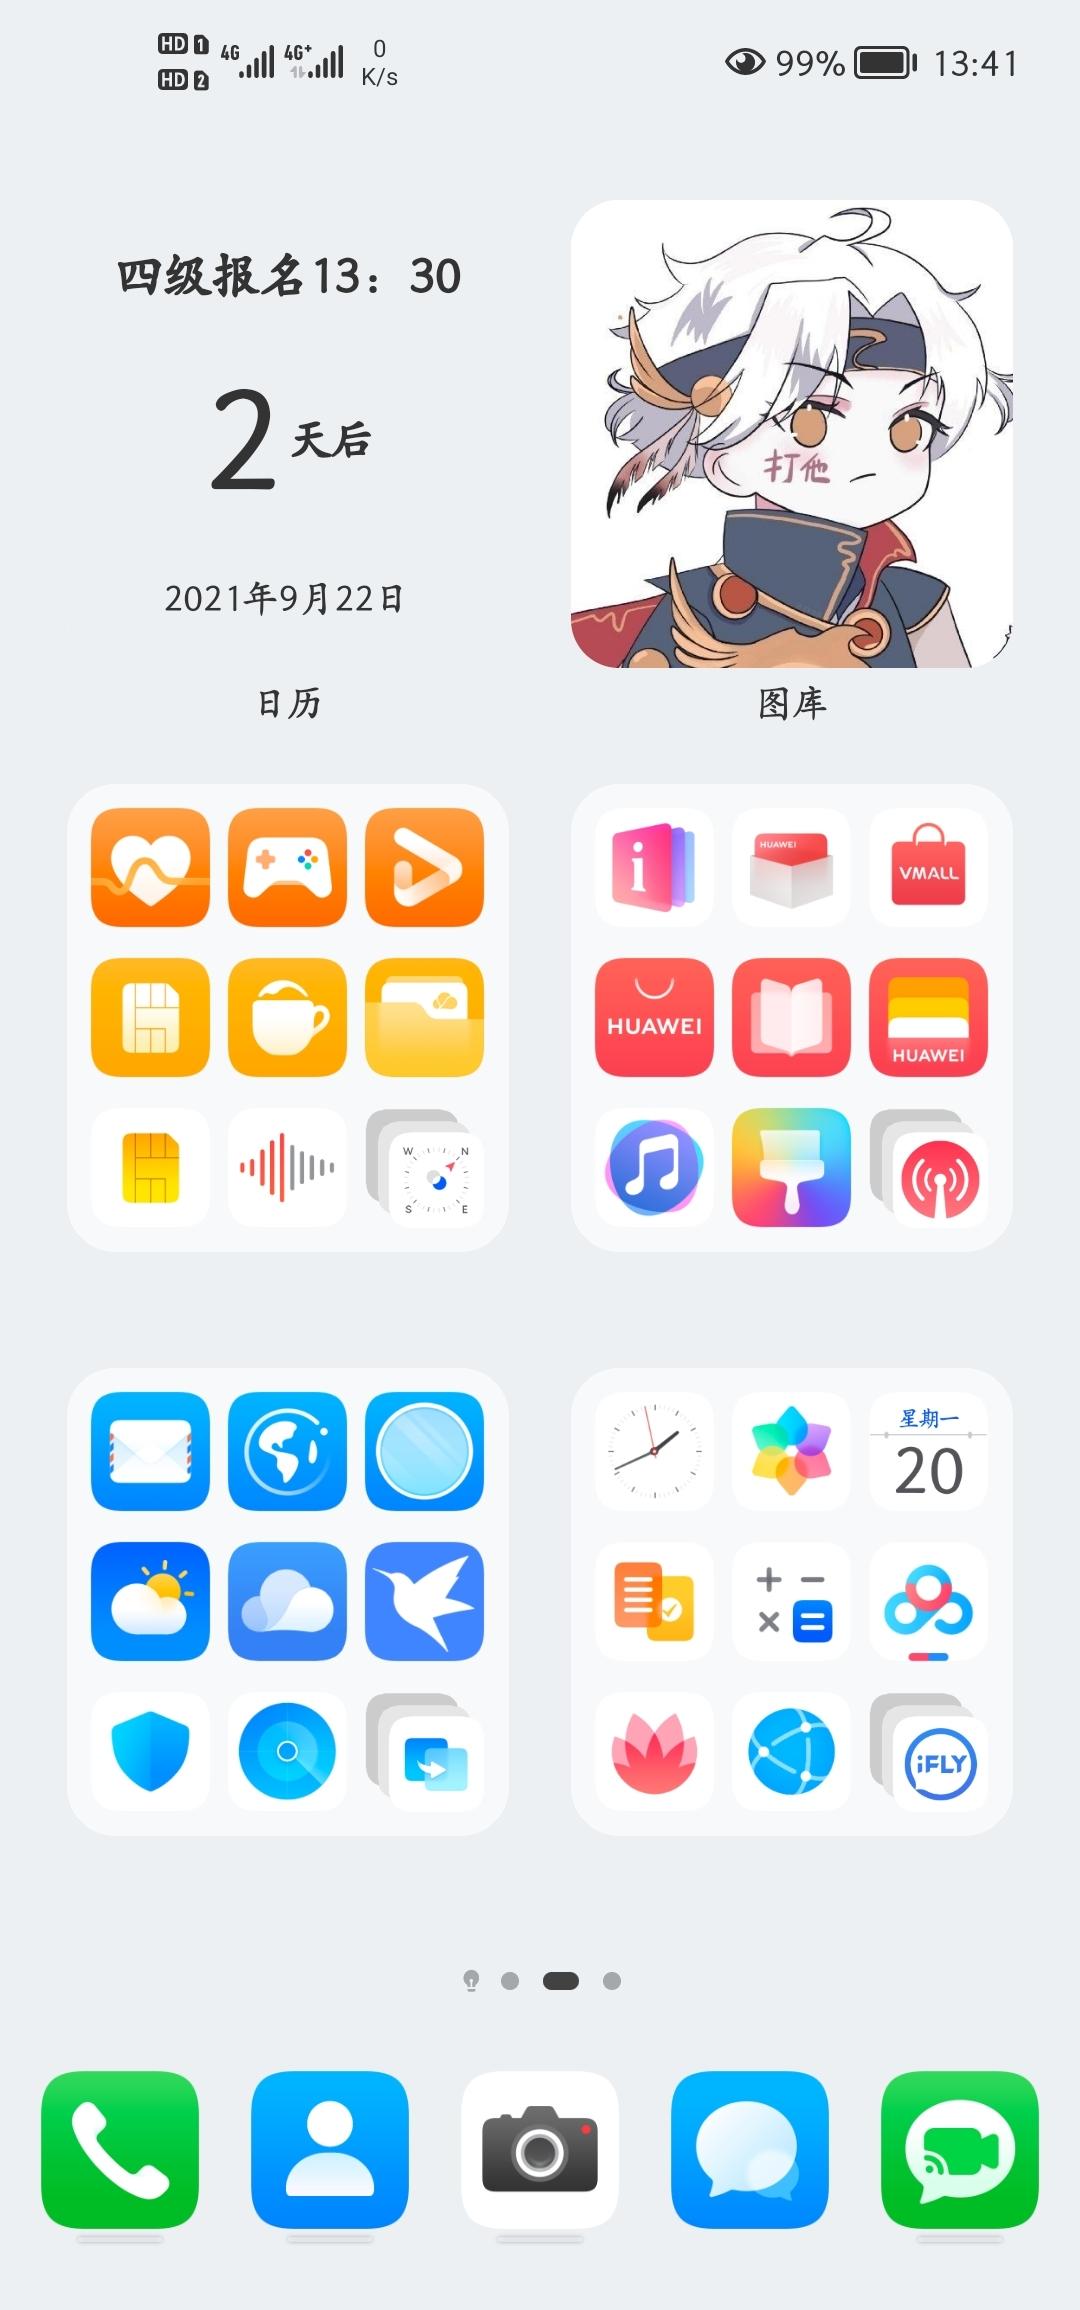 Screenshot_20210920_134159_com.huawei.android.launcher.jpg